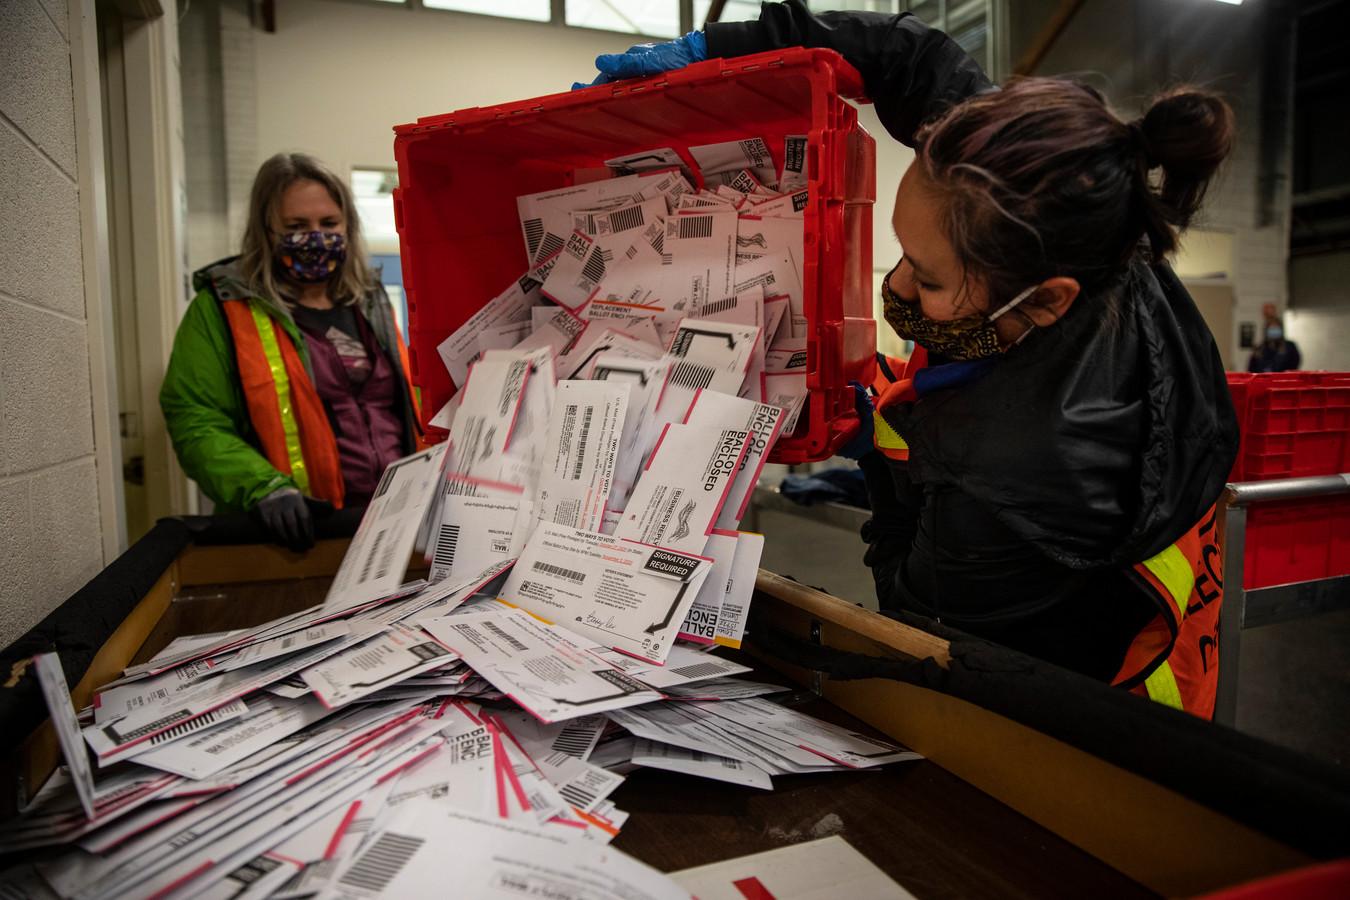 De stembureaus zijn druk bezig met het tellen van de stemmen